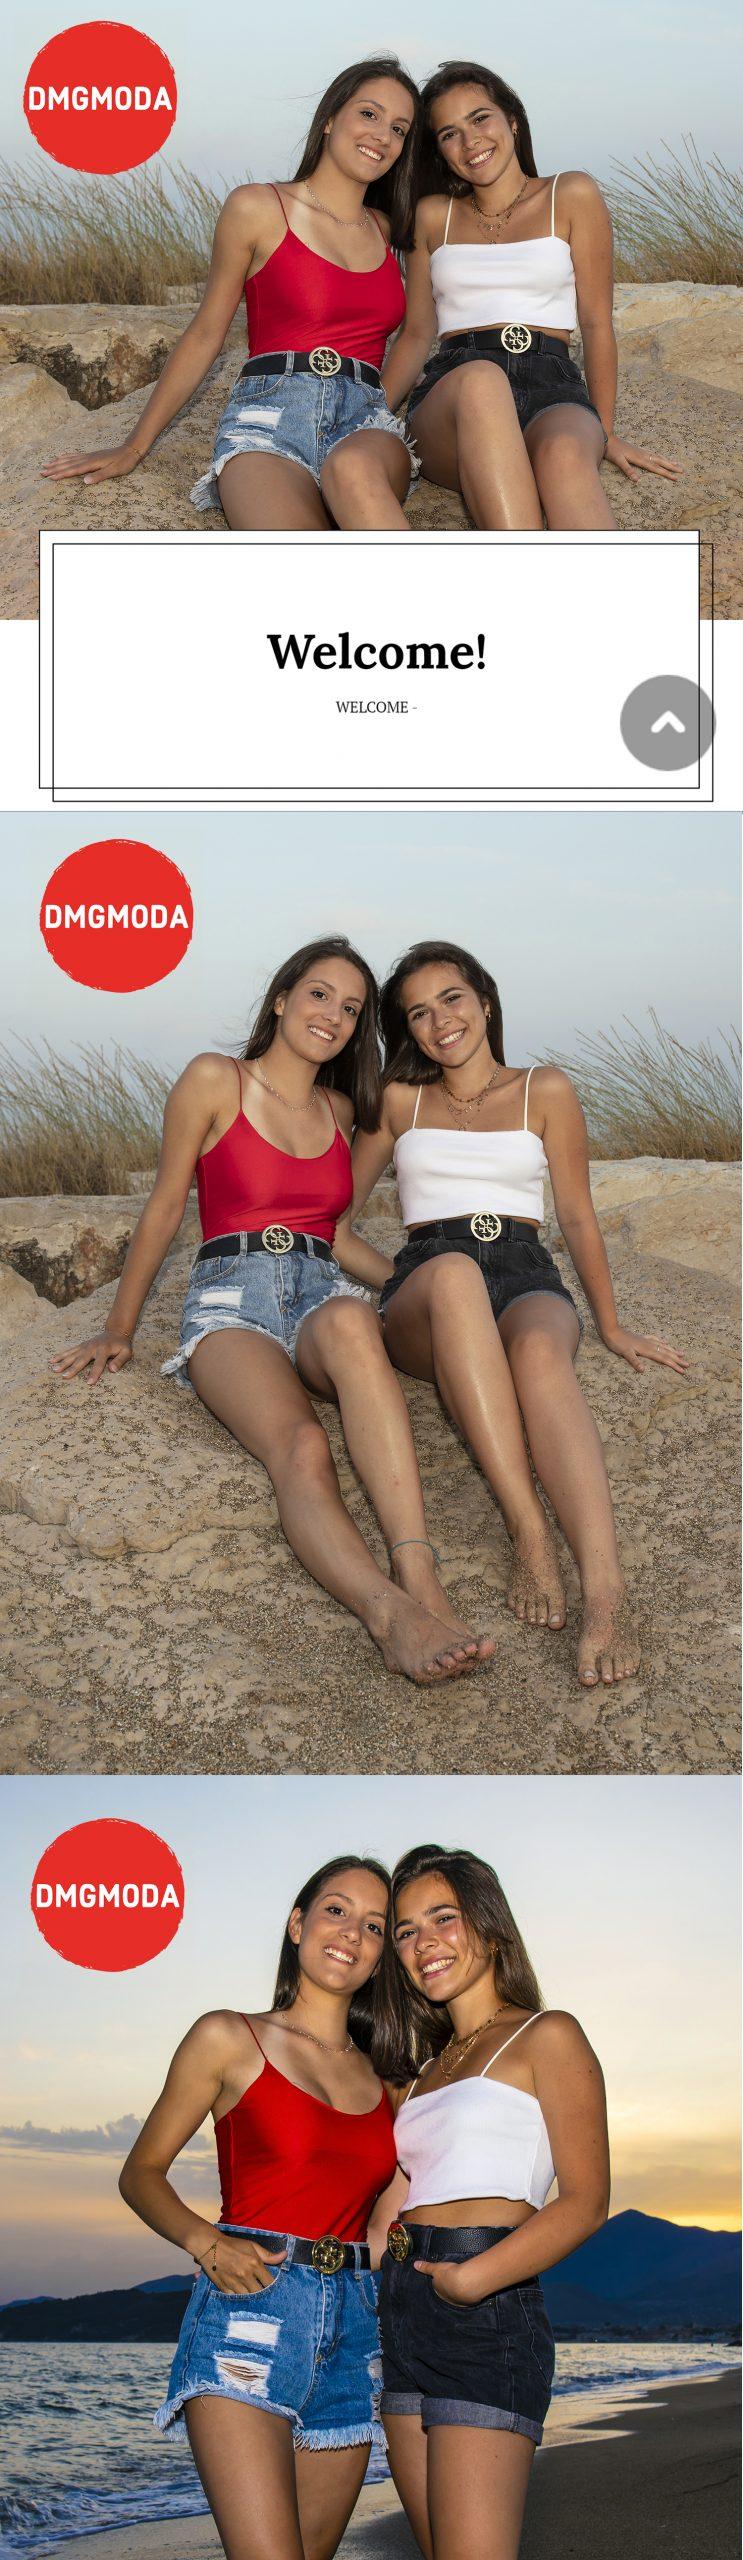 ALESSIA&ELENA W-DMGMODA